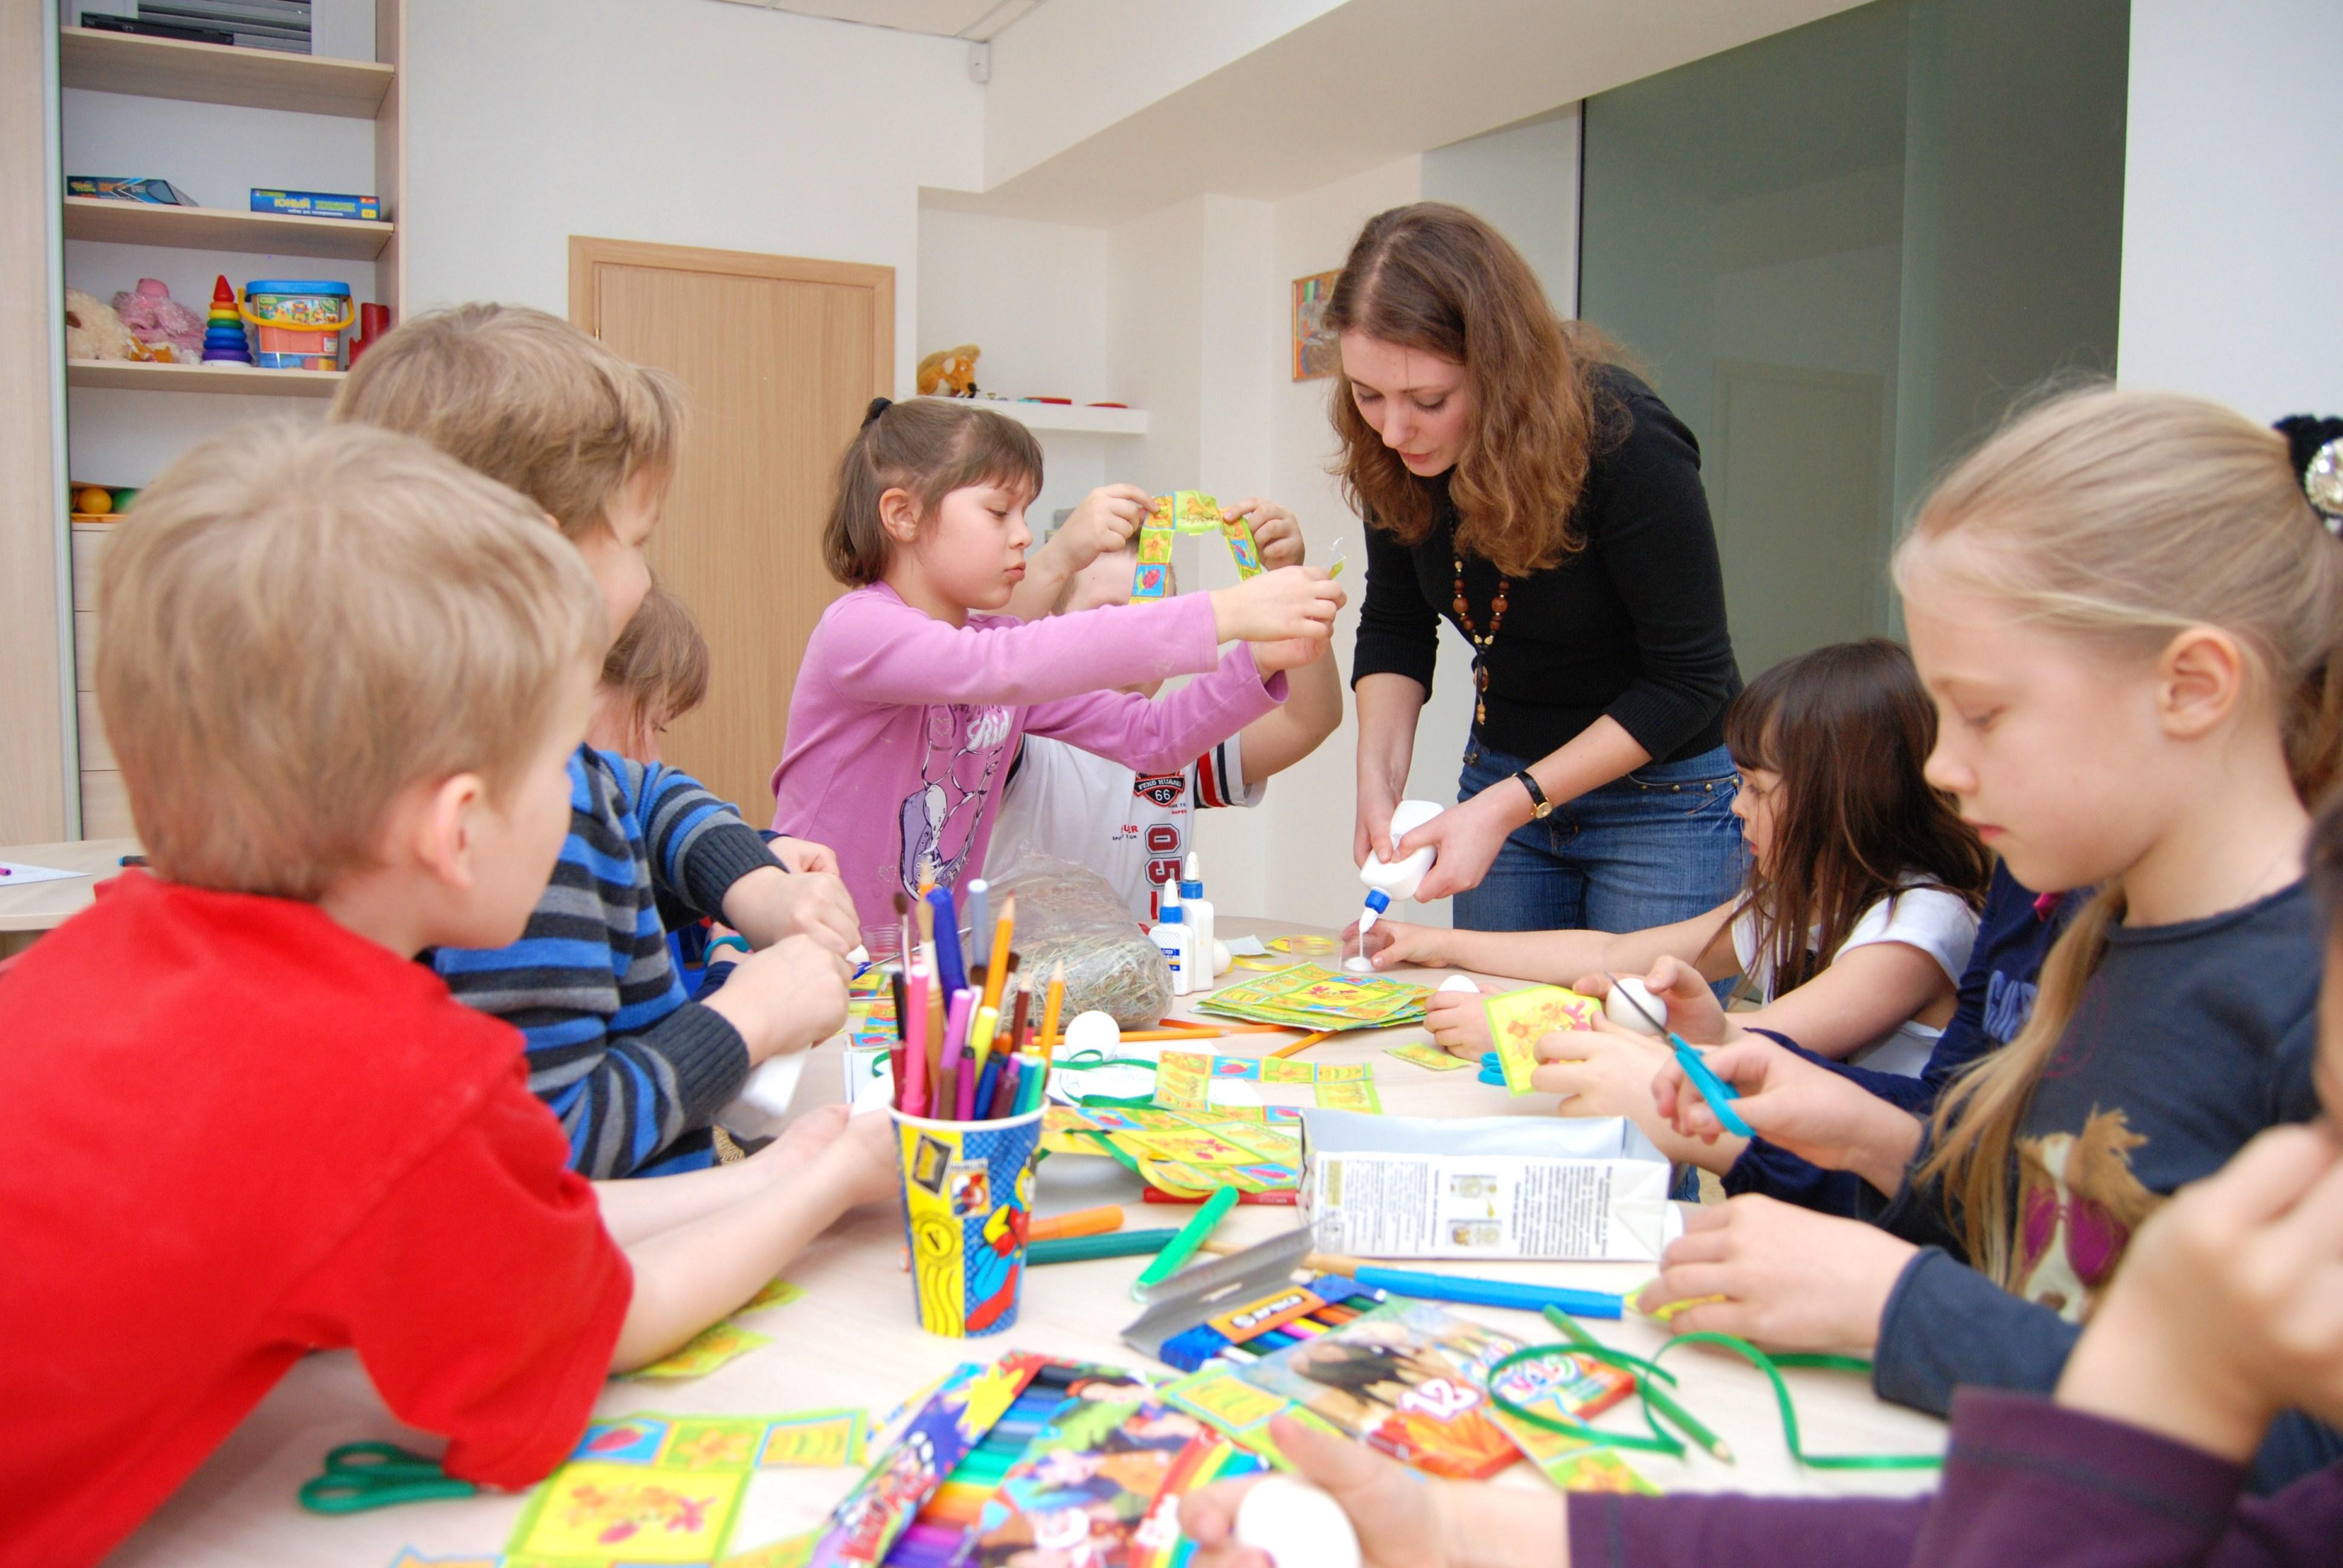 Жителям восьми районов Вологодской области выдадут сертификаты на допобразование детей